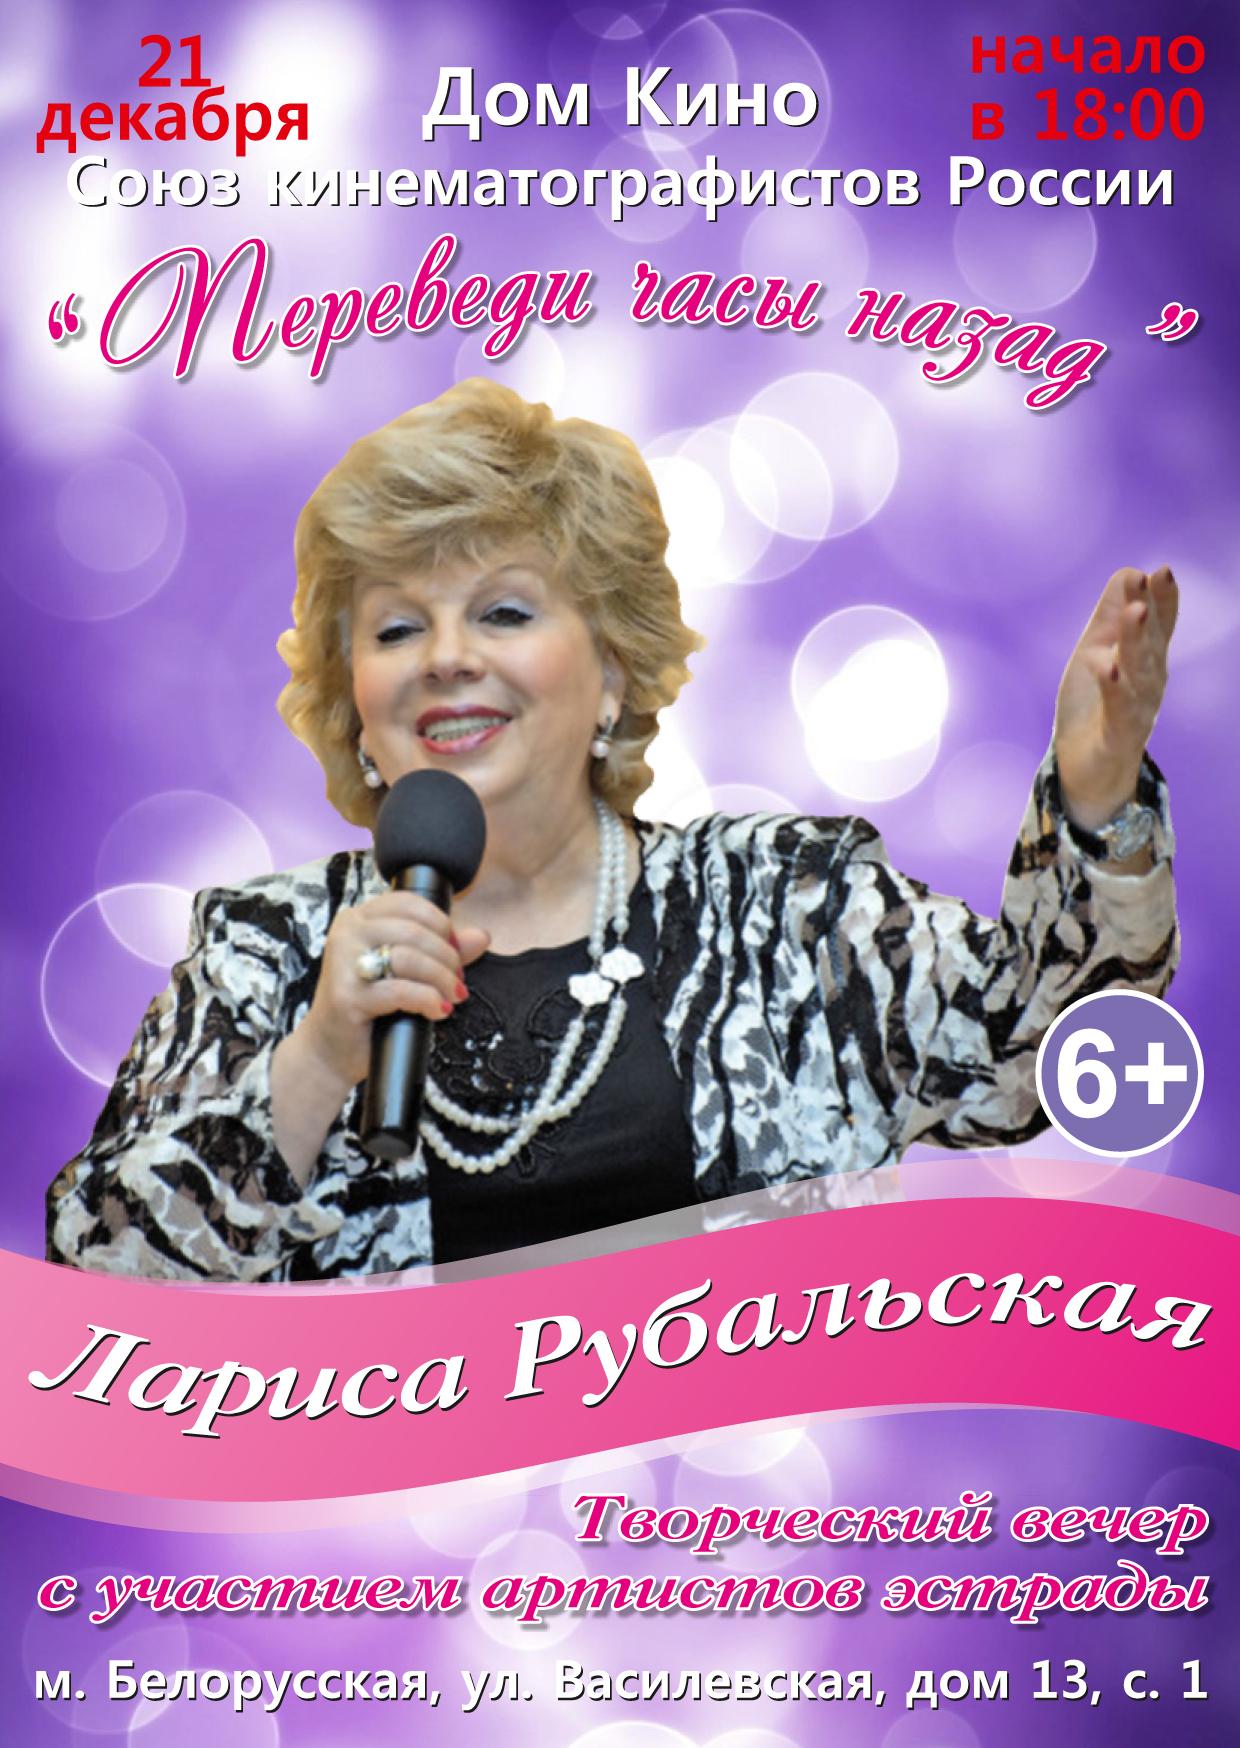 Поздравление с днем рождения женщине рубальская 62